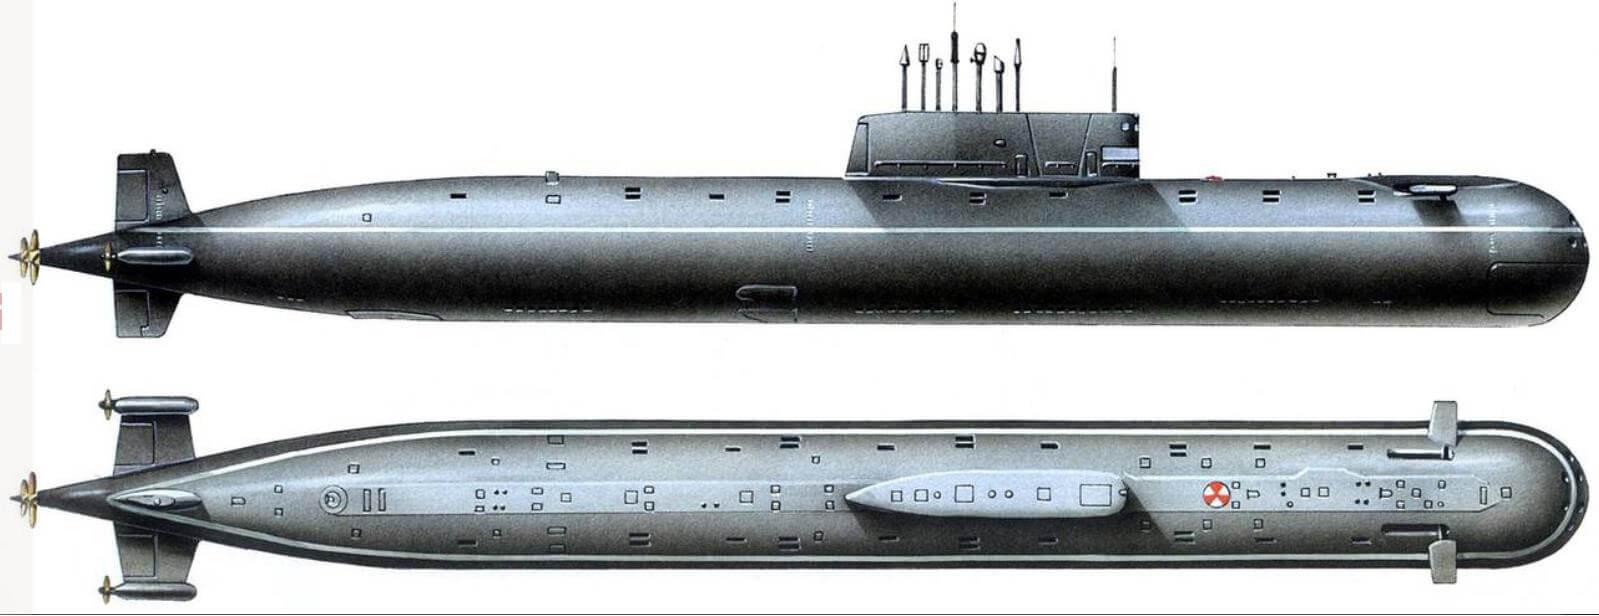 На советской подлодке, затонувшей в Норвегии, обнаружилась утечка радиации